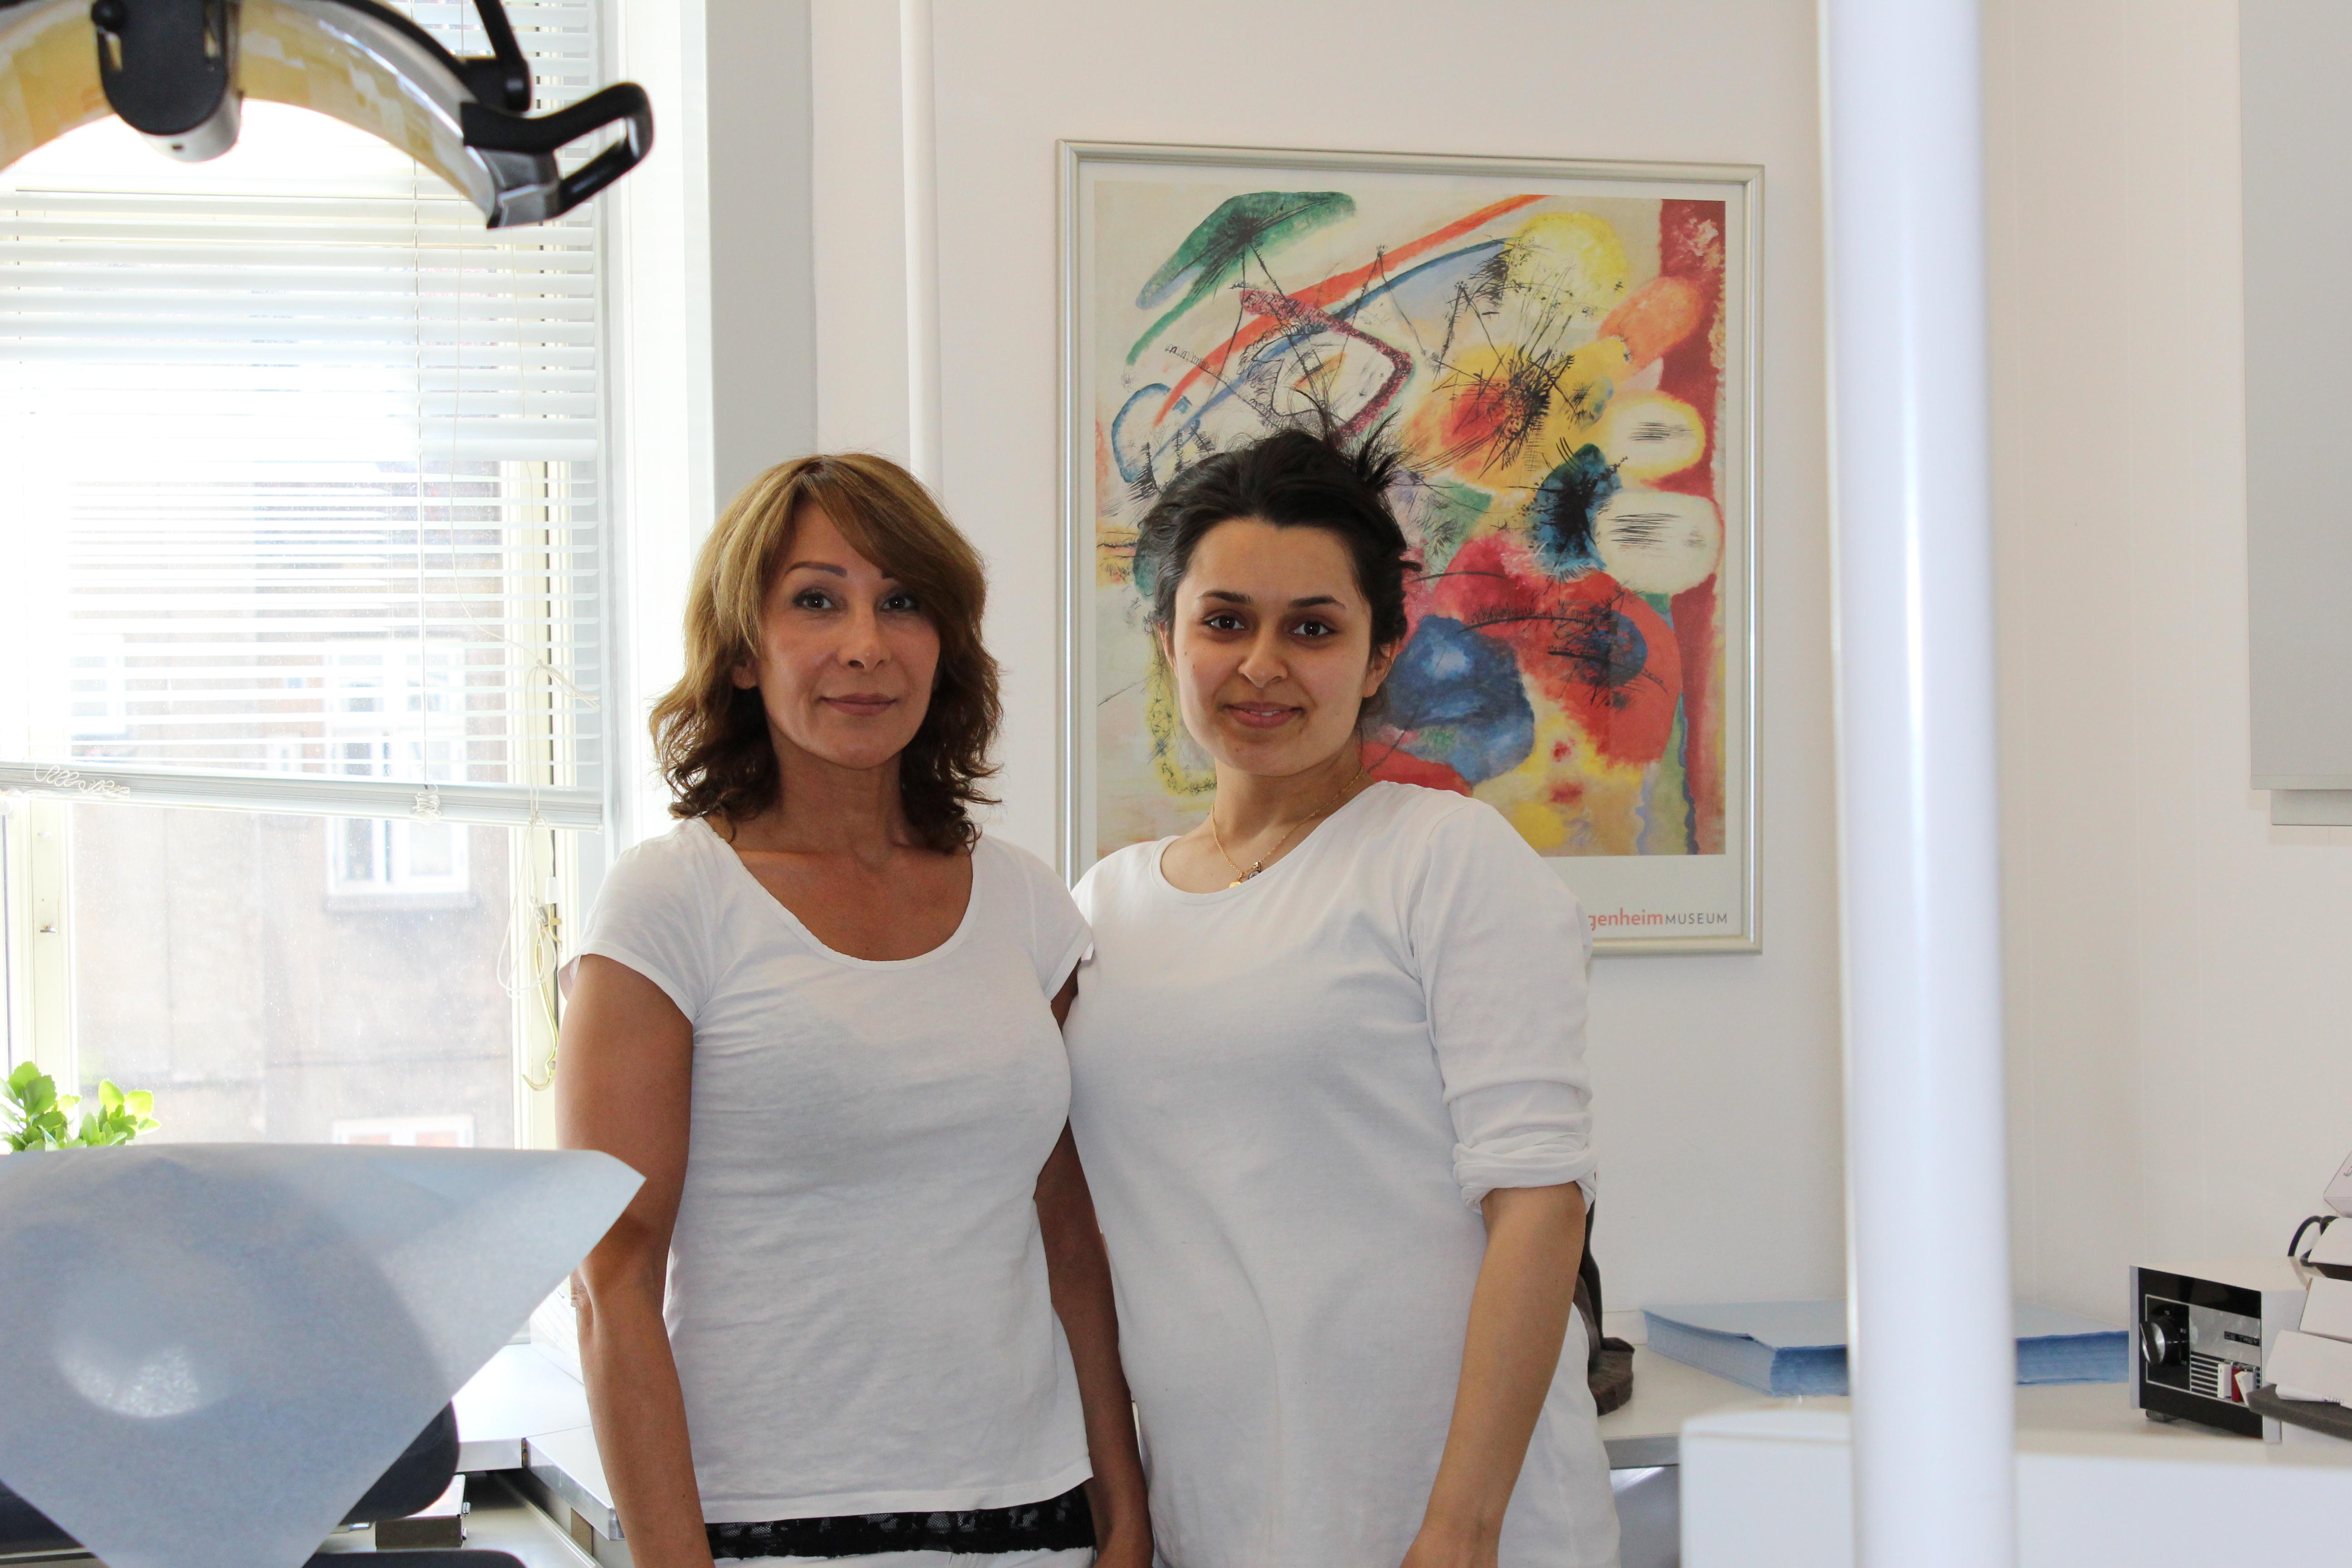 tandlæge domus vista